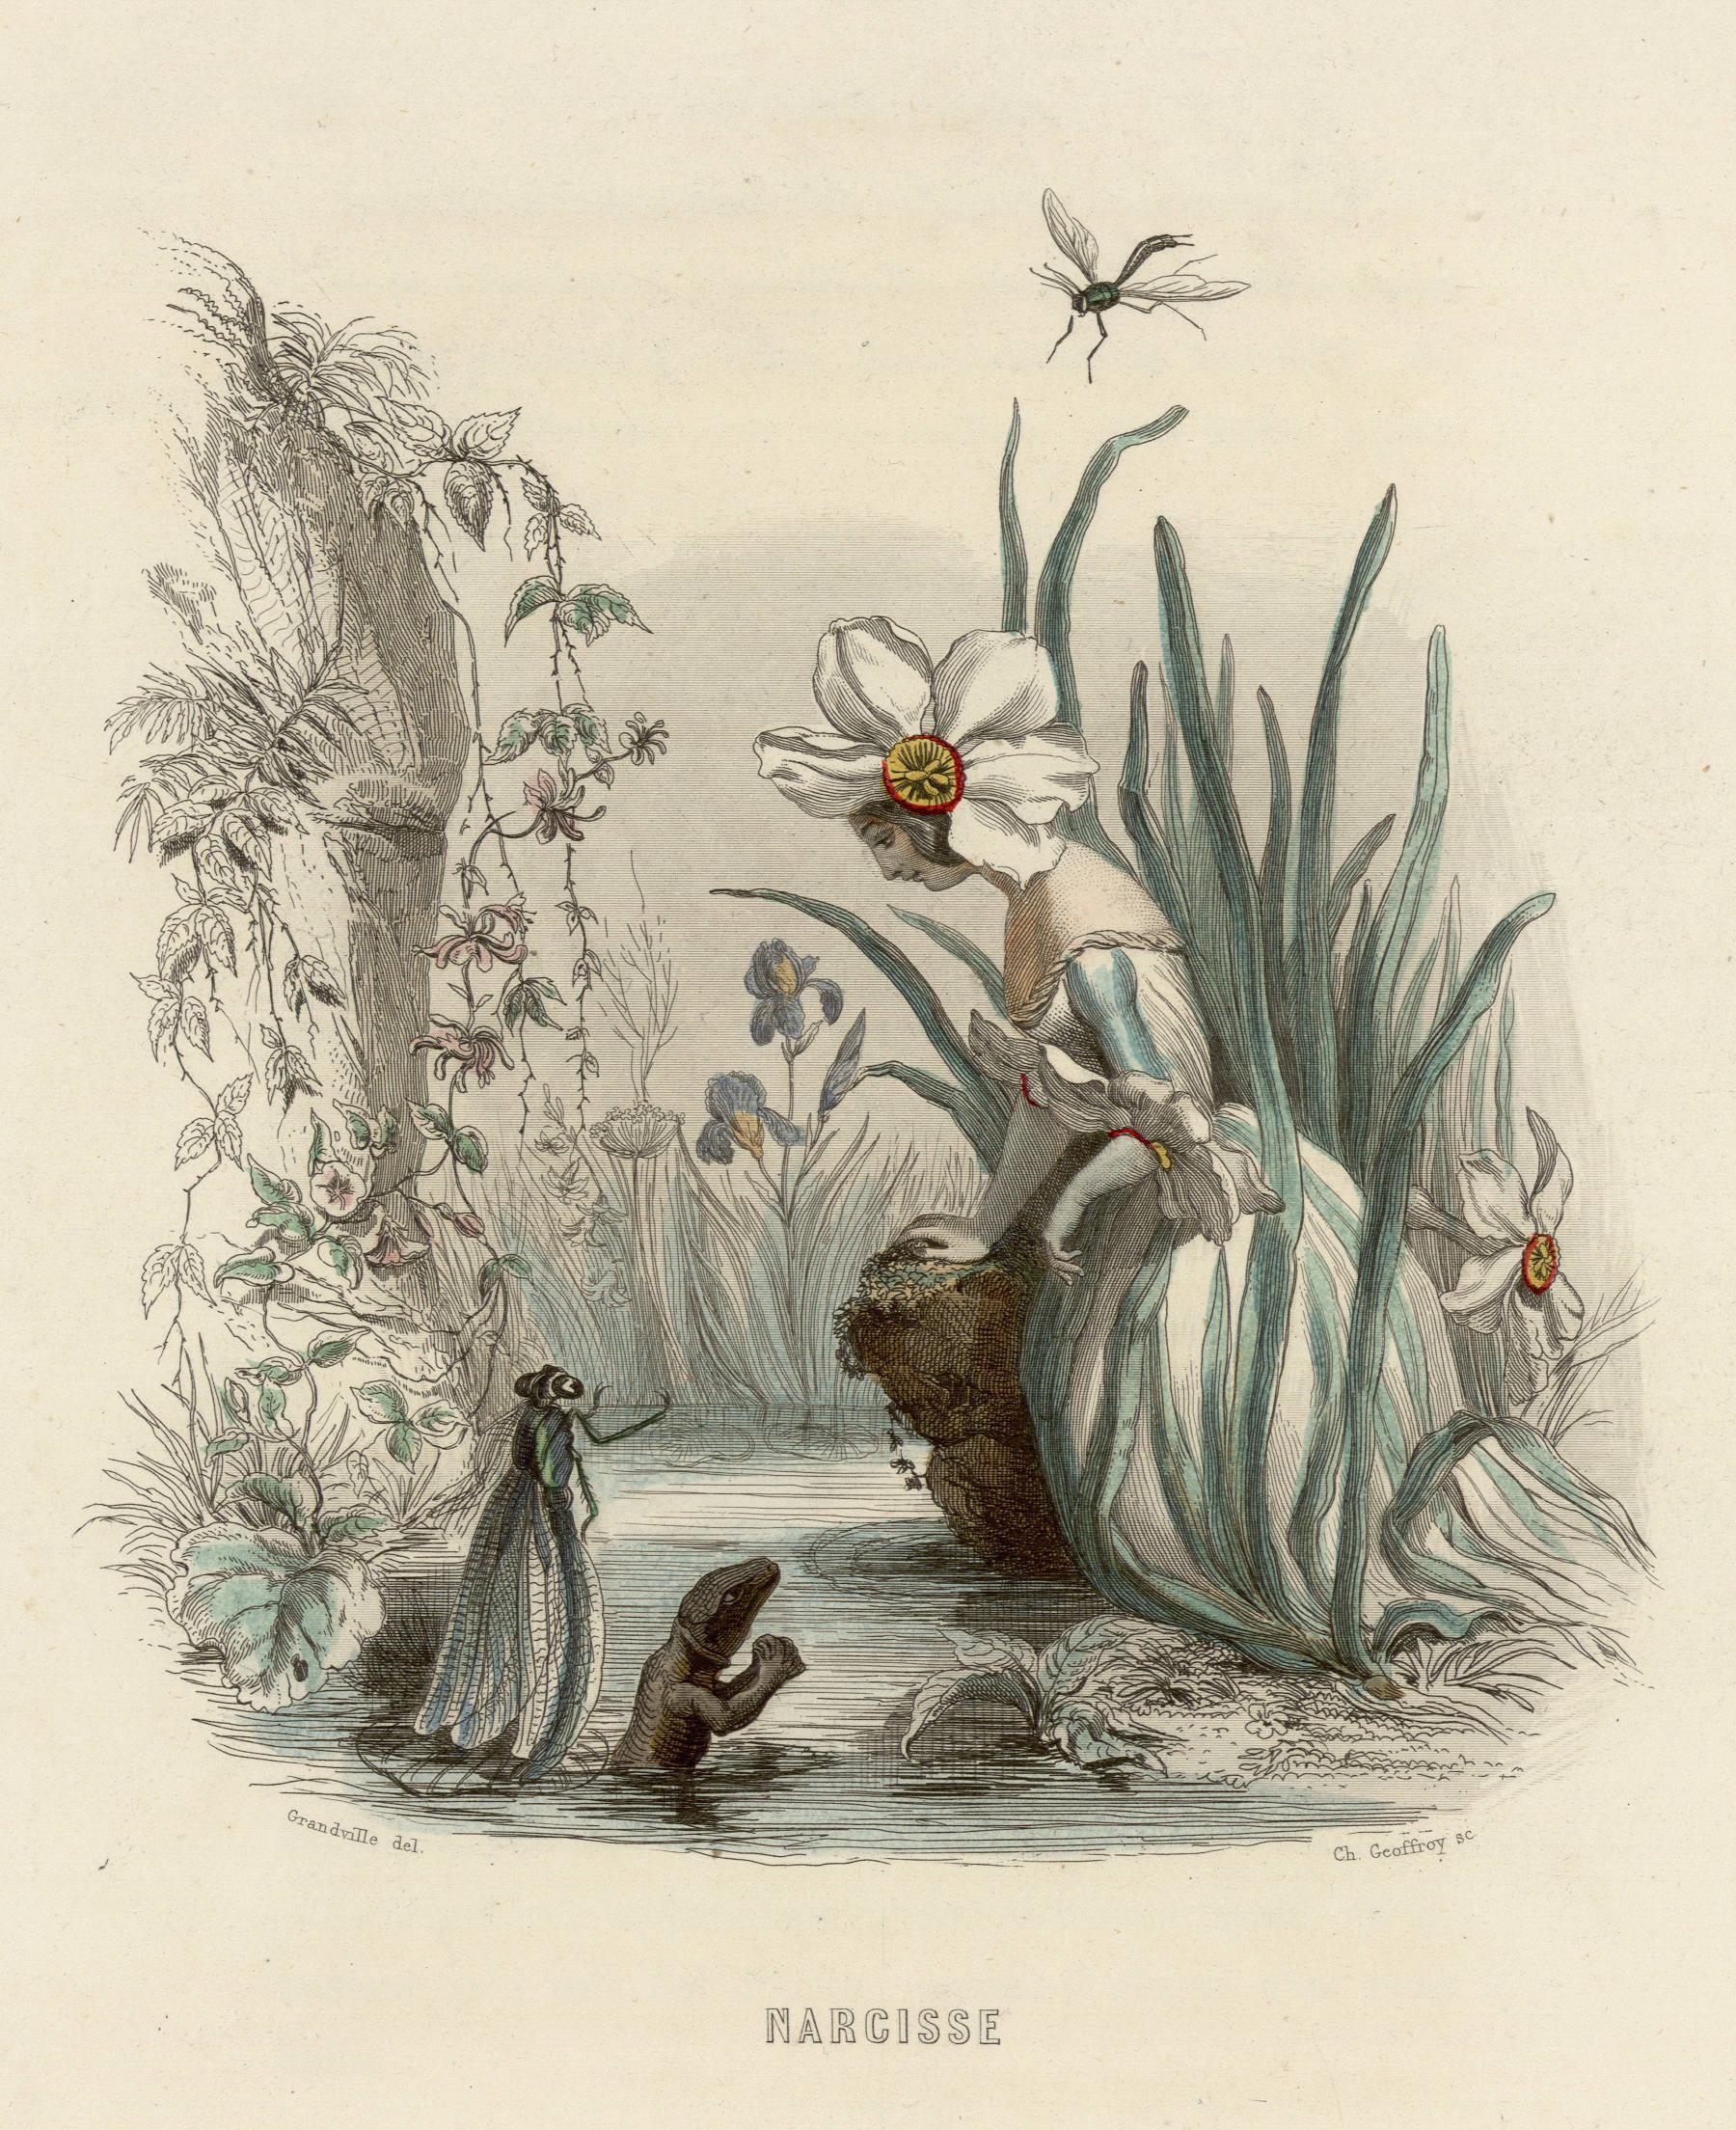 Contenu du Narcisse